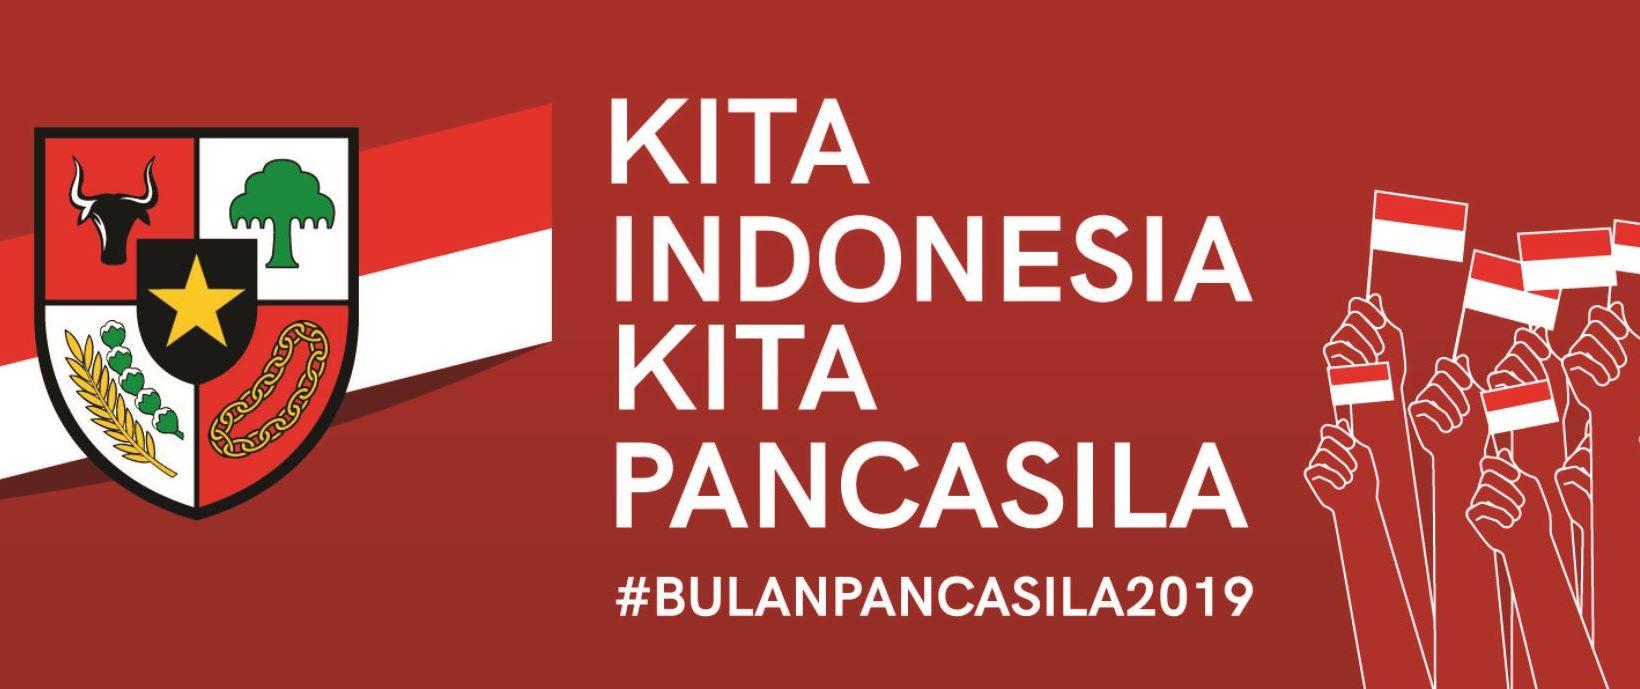 KITA  INDONESIA KITA  PANCASILA  #BULANPANCASILA2019